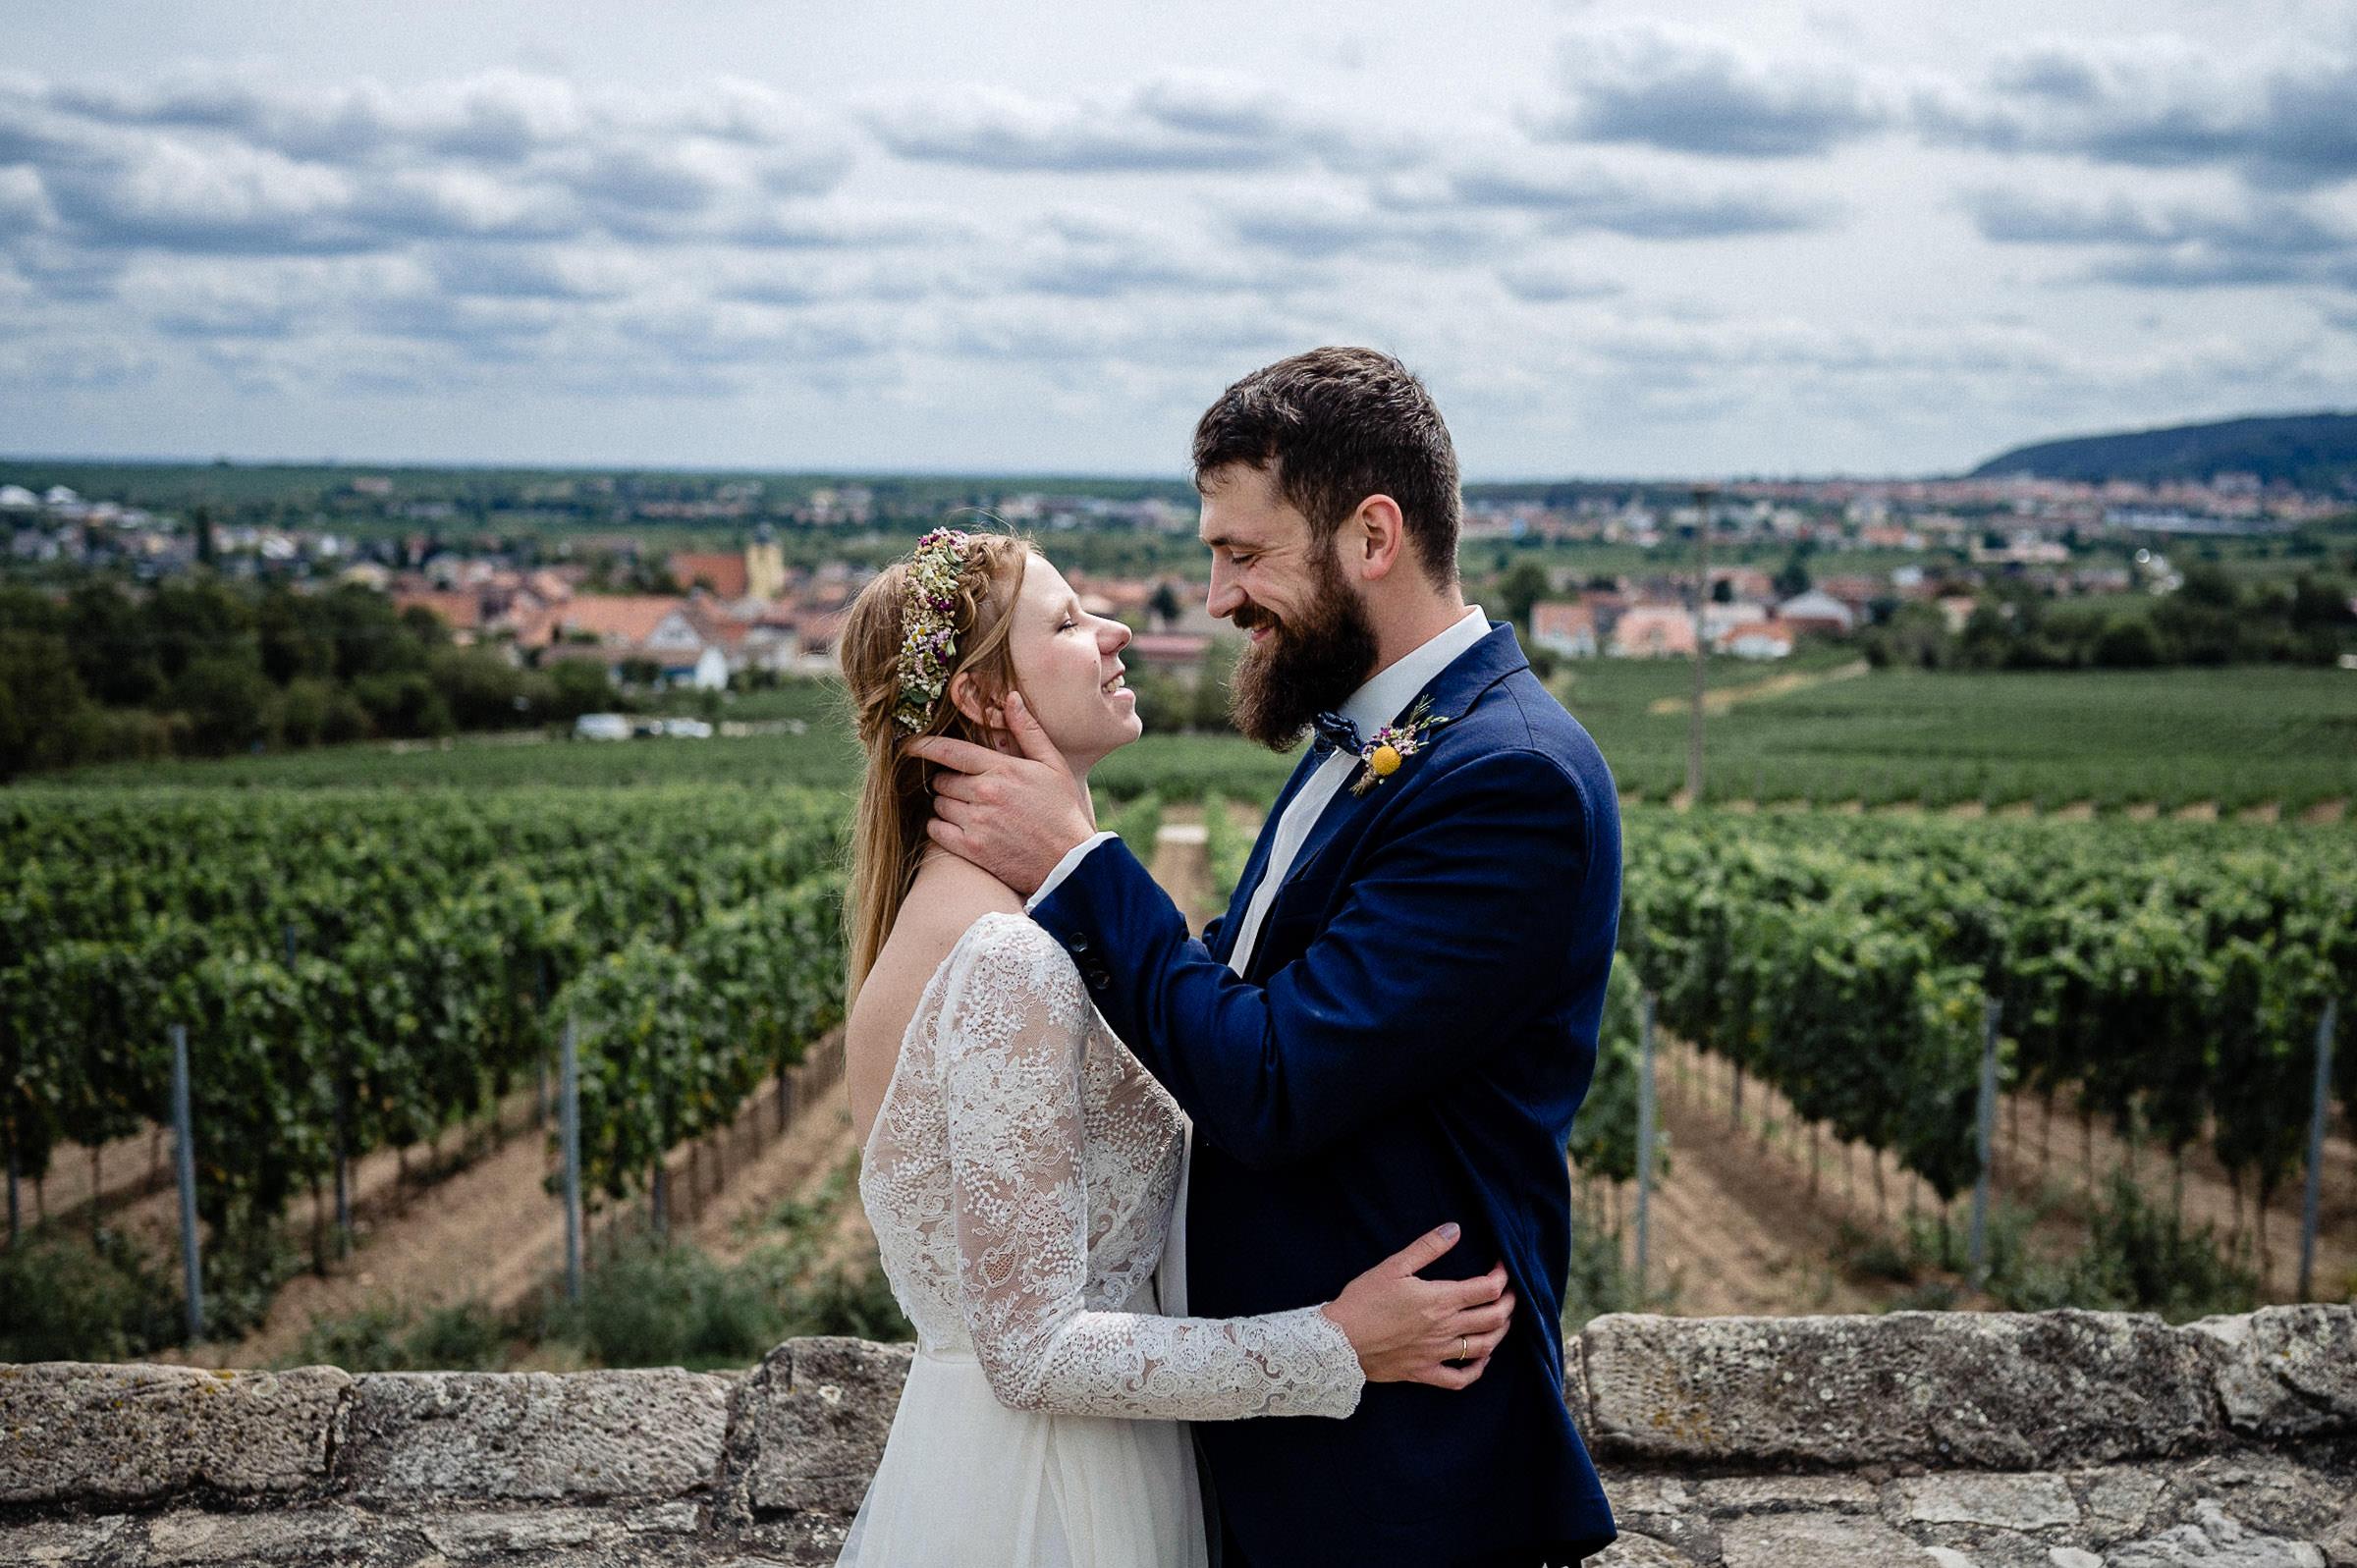 Fotograf_Hochzeitsbilder_hochzeit_Markus Husner_Hochzeitsfotograf